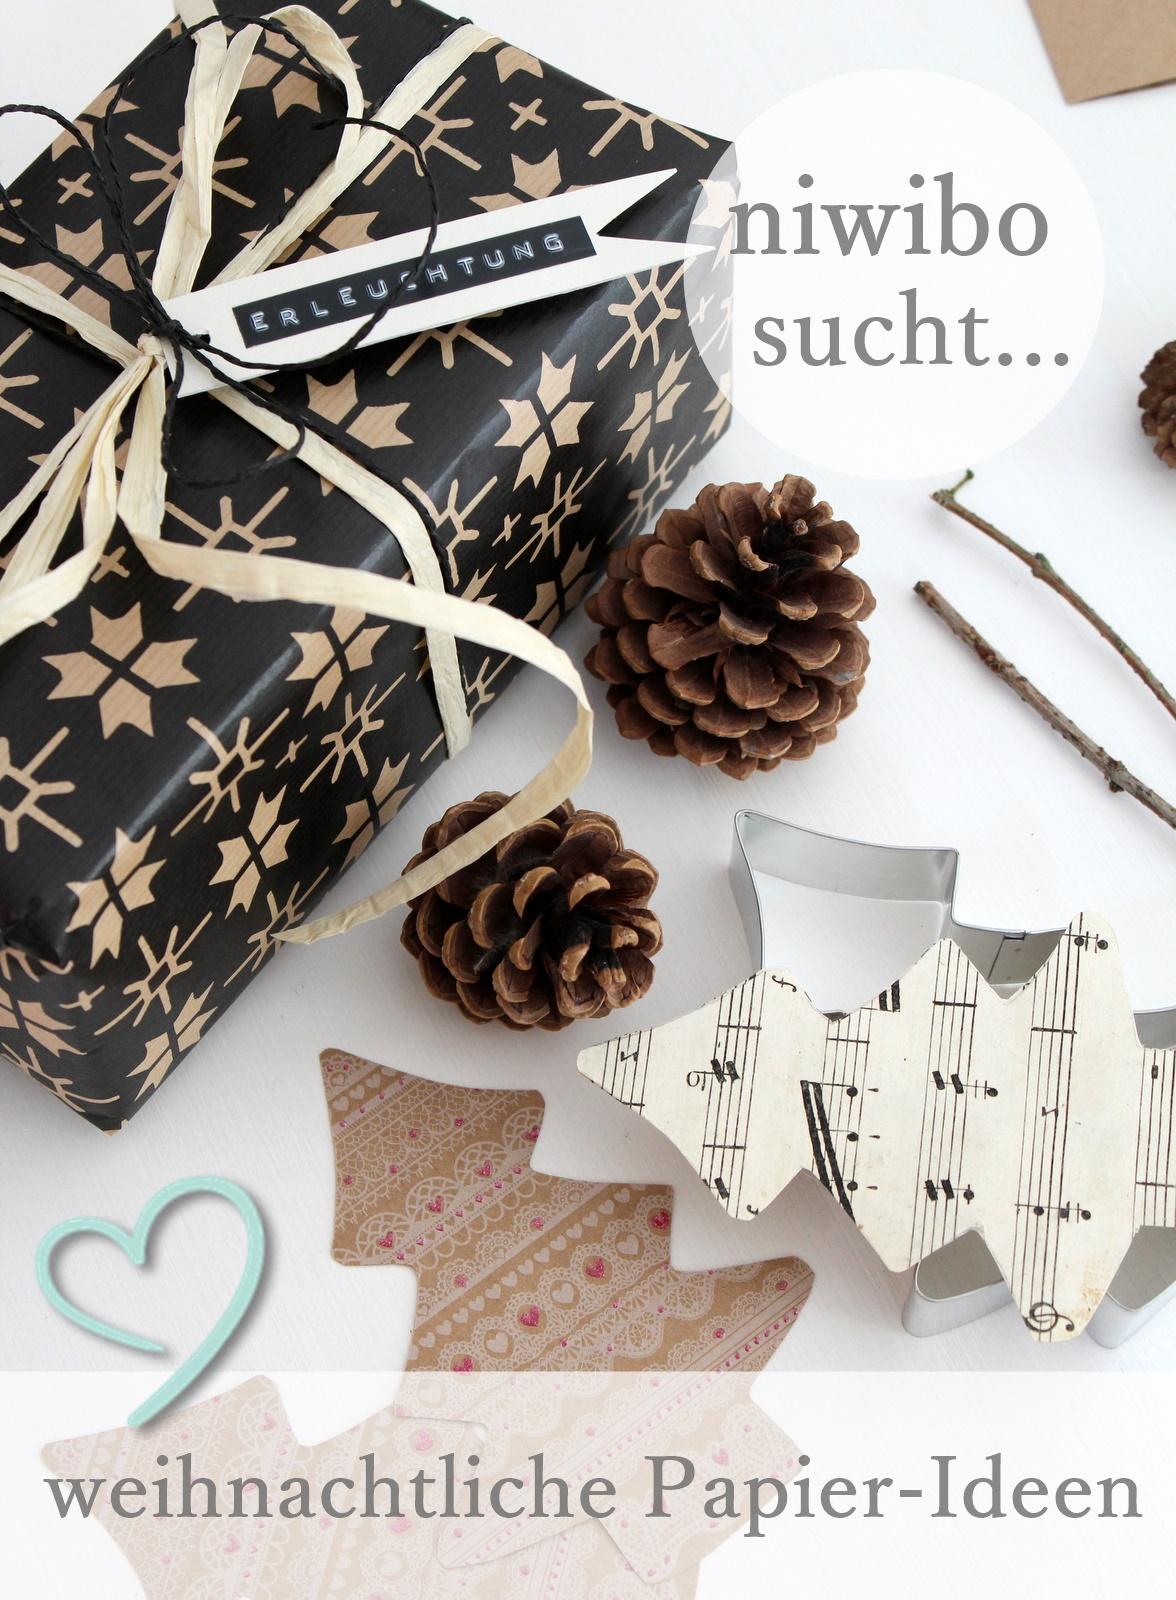 niwibo sucht... weihnachtliche Papier-Ideen